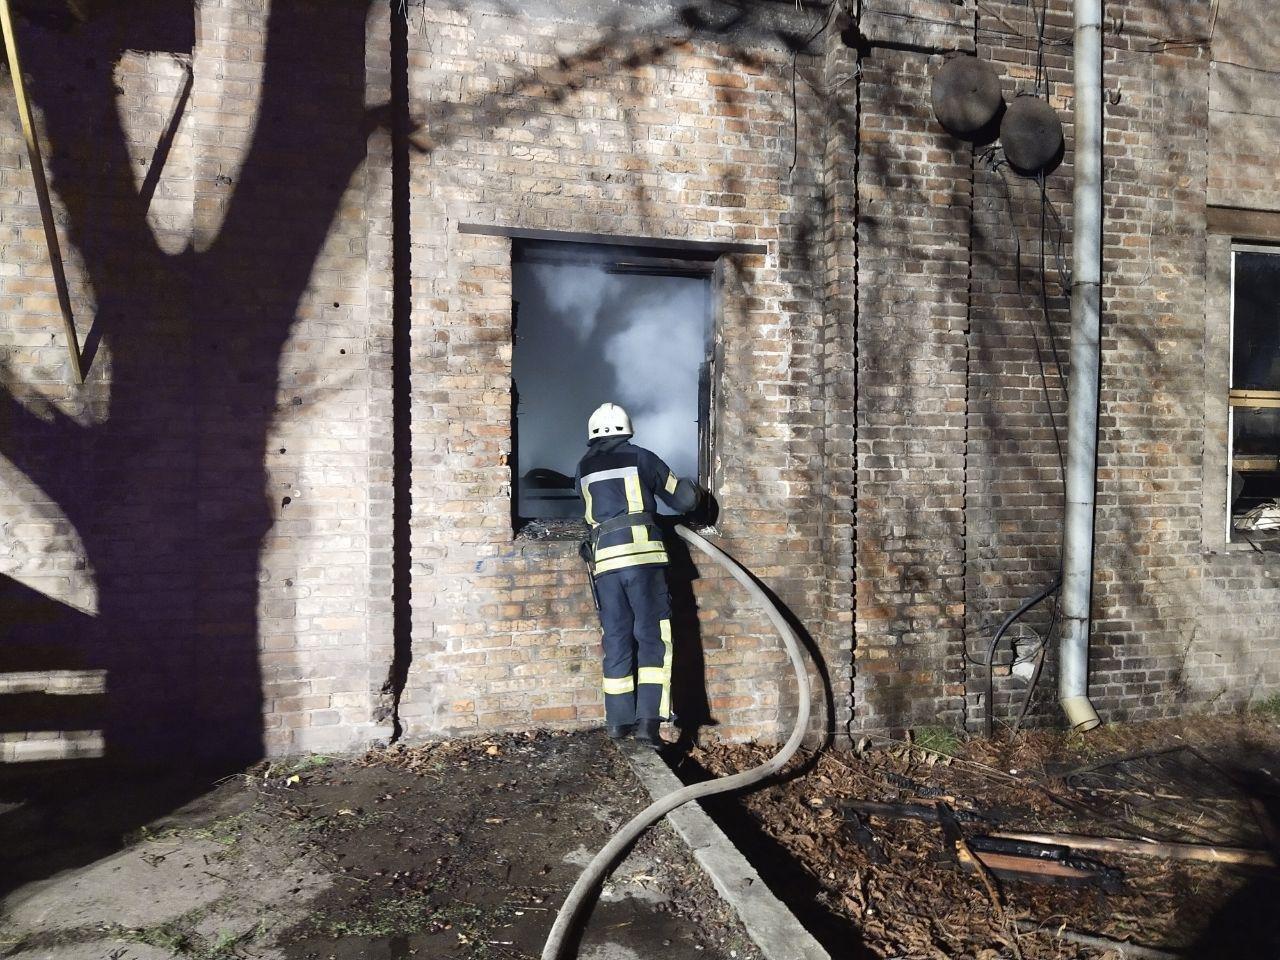 В Запорожье ночью случился пожар в трехэтажном здании, - ФОТО, фото-2